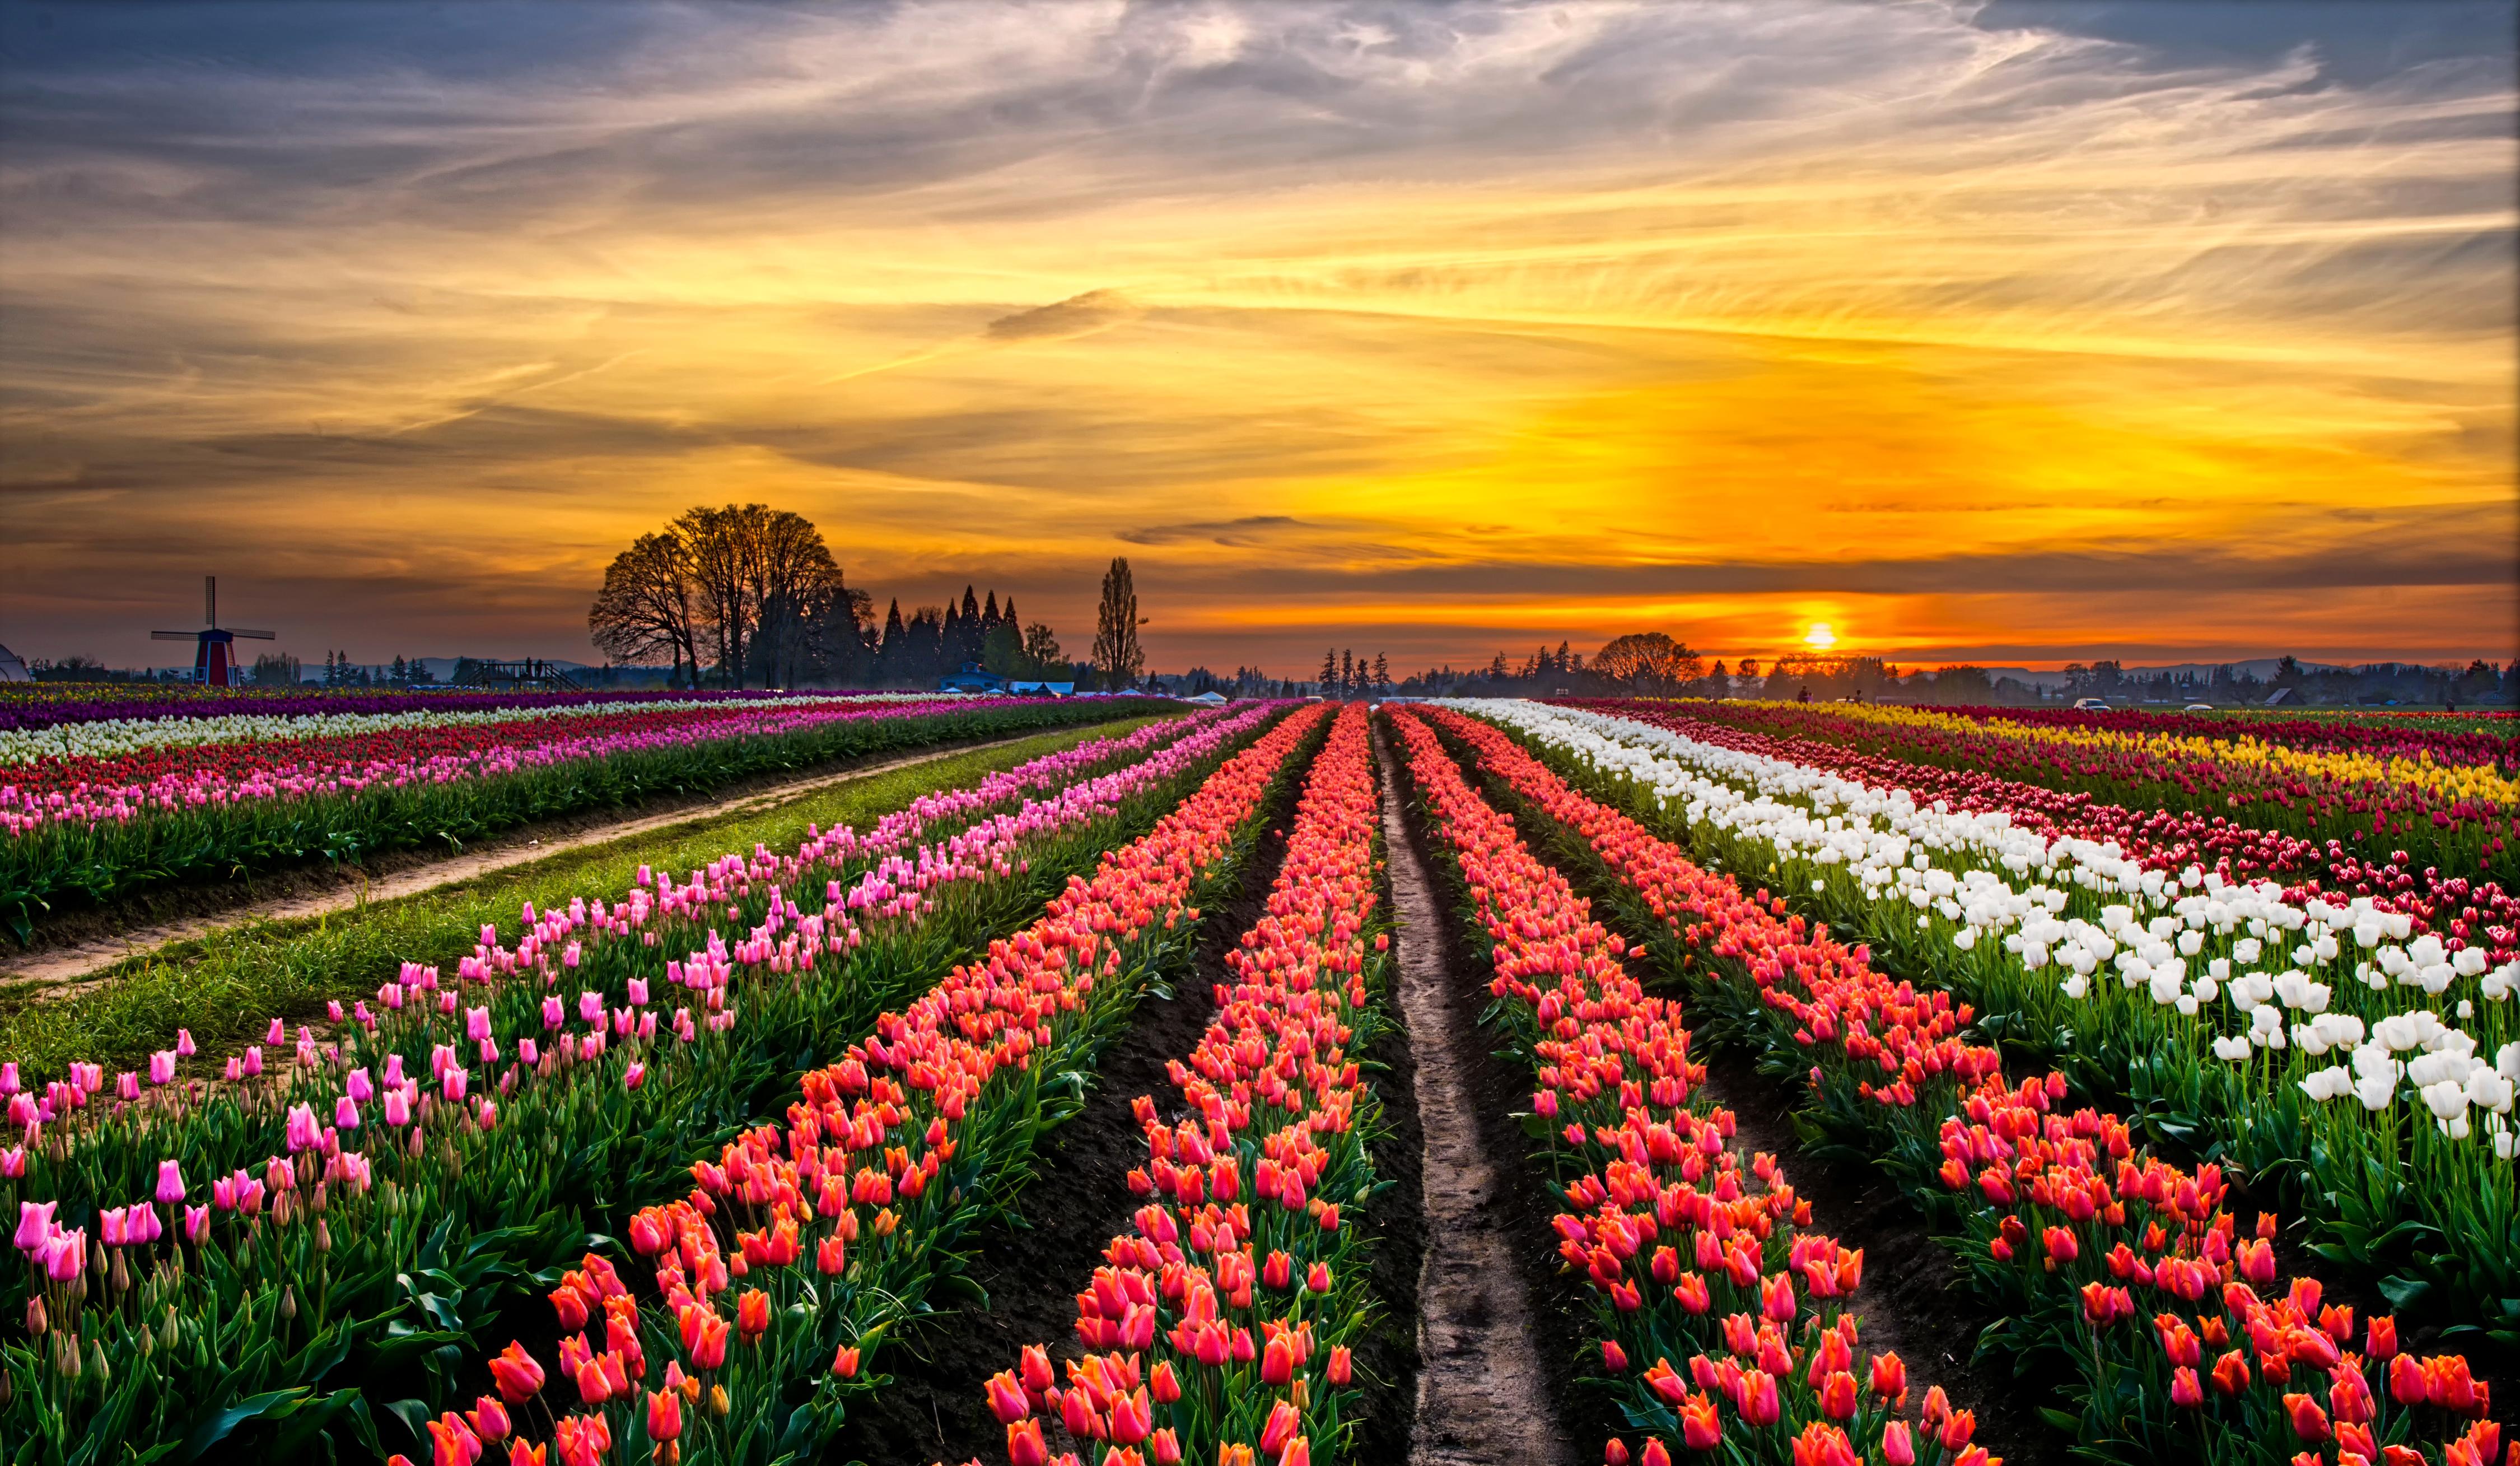 тюльпаны поляна закат  № 3285802 бесплатно